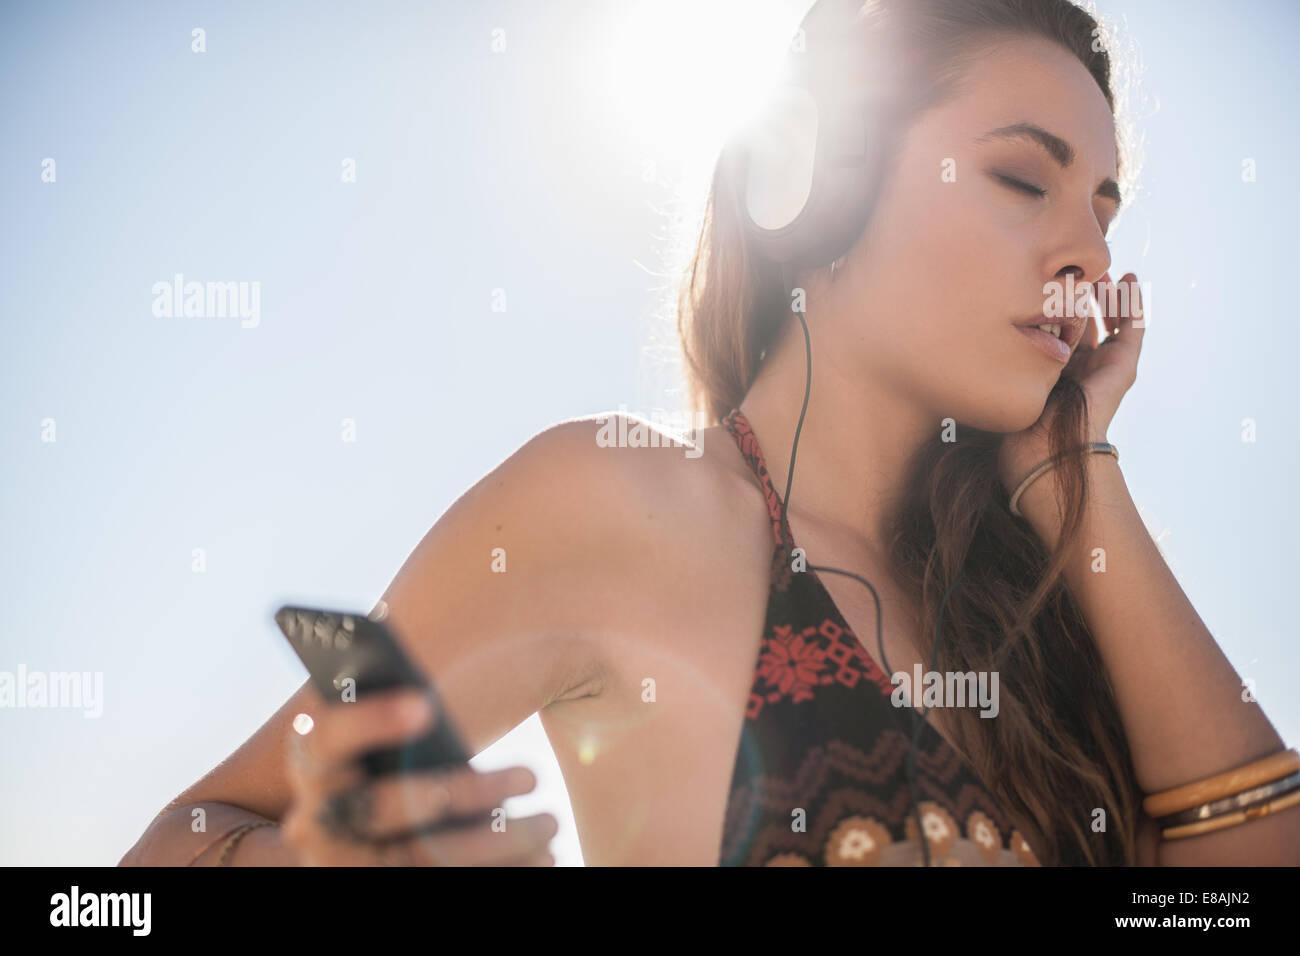 Giovane donna con gli occhi chiusi per ascoltare musica su cuffie a Beach Castiadas, Sardegna, Italia Immagini Stock